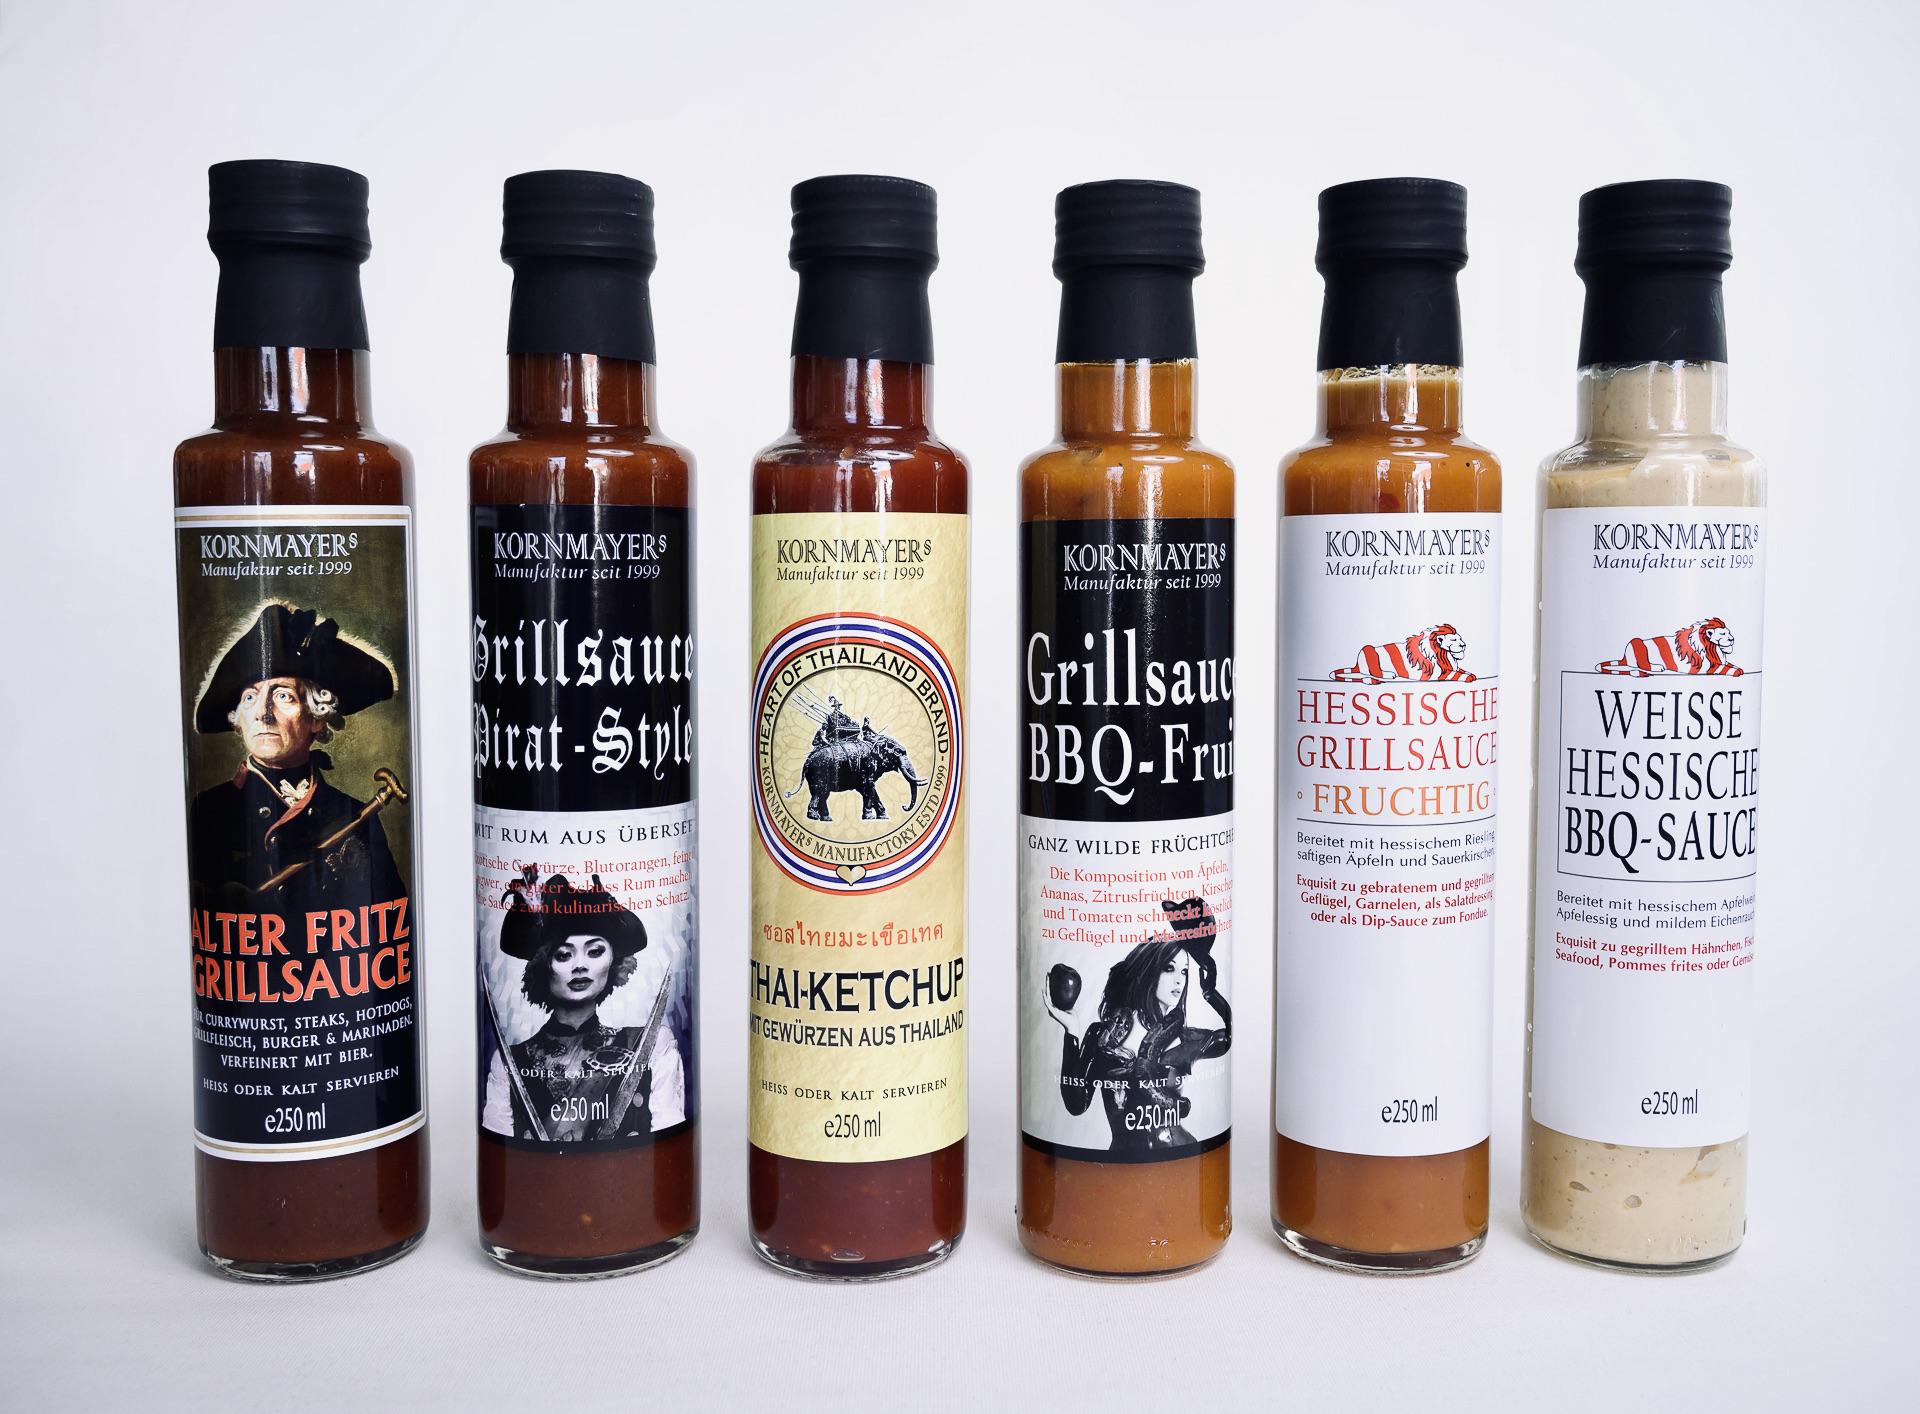 Hessische Grillsoße, BBQ Soße, Sauce, Grillsoße, Hessische Spezialitäten, Einkaufen in Waldeck am Edersee